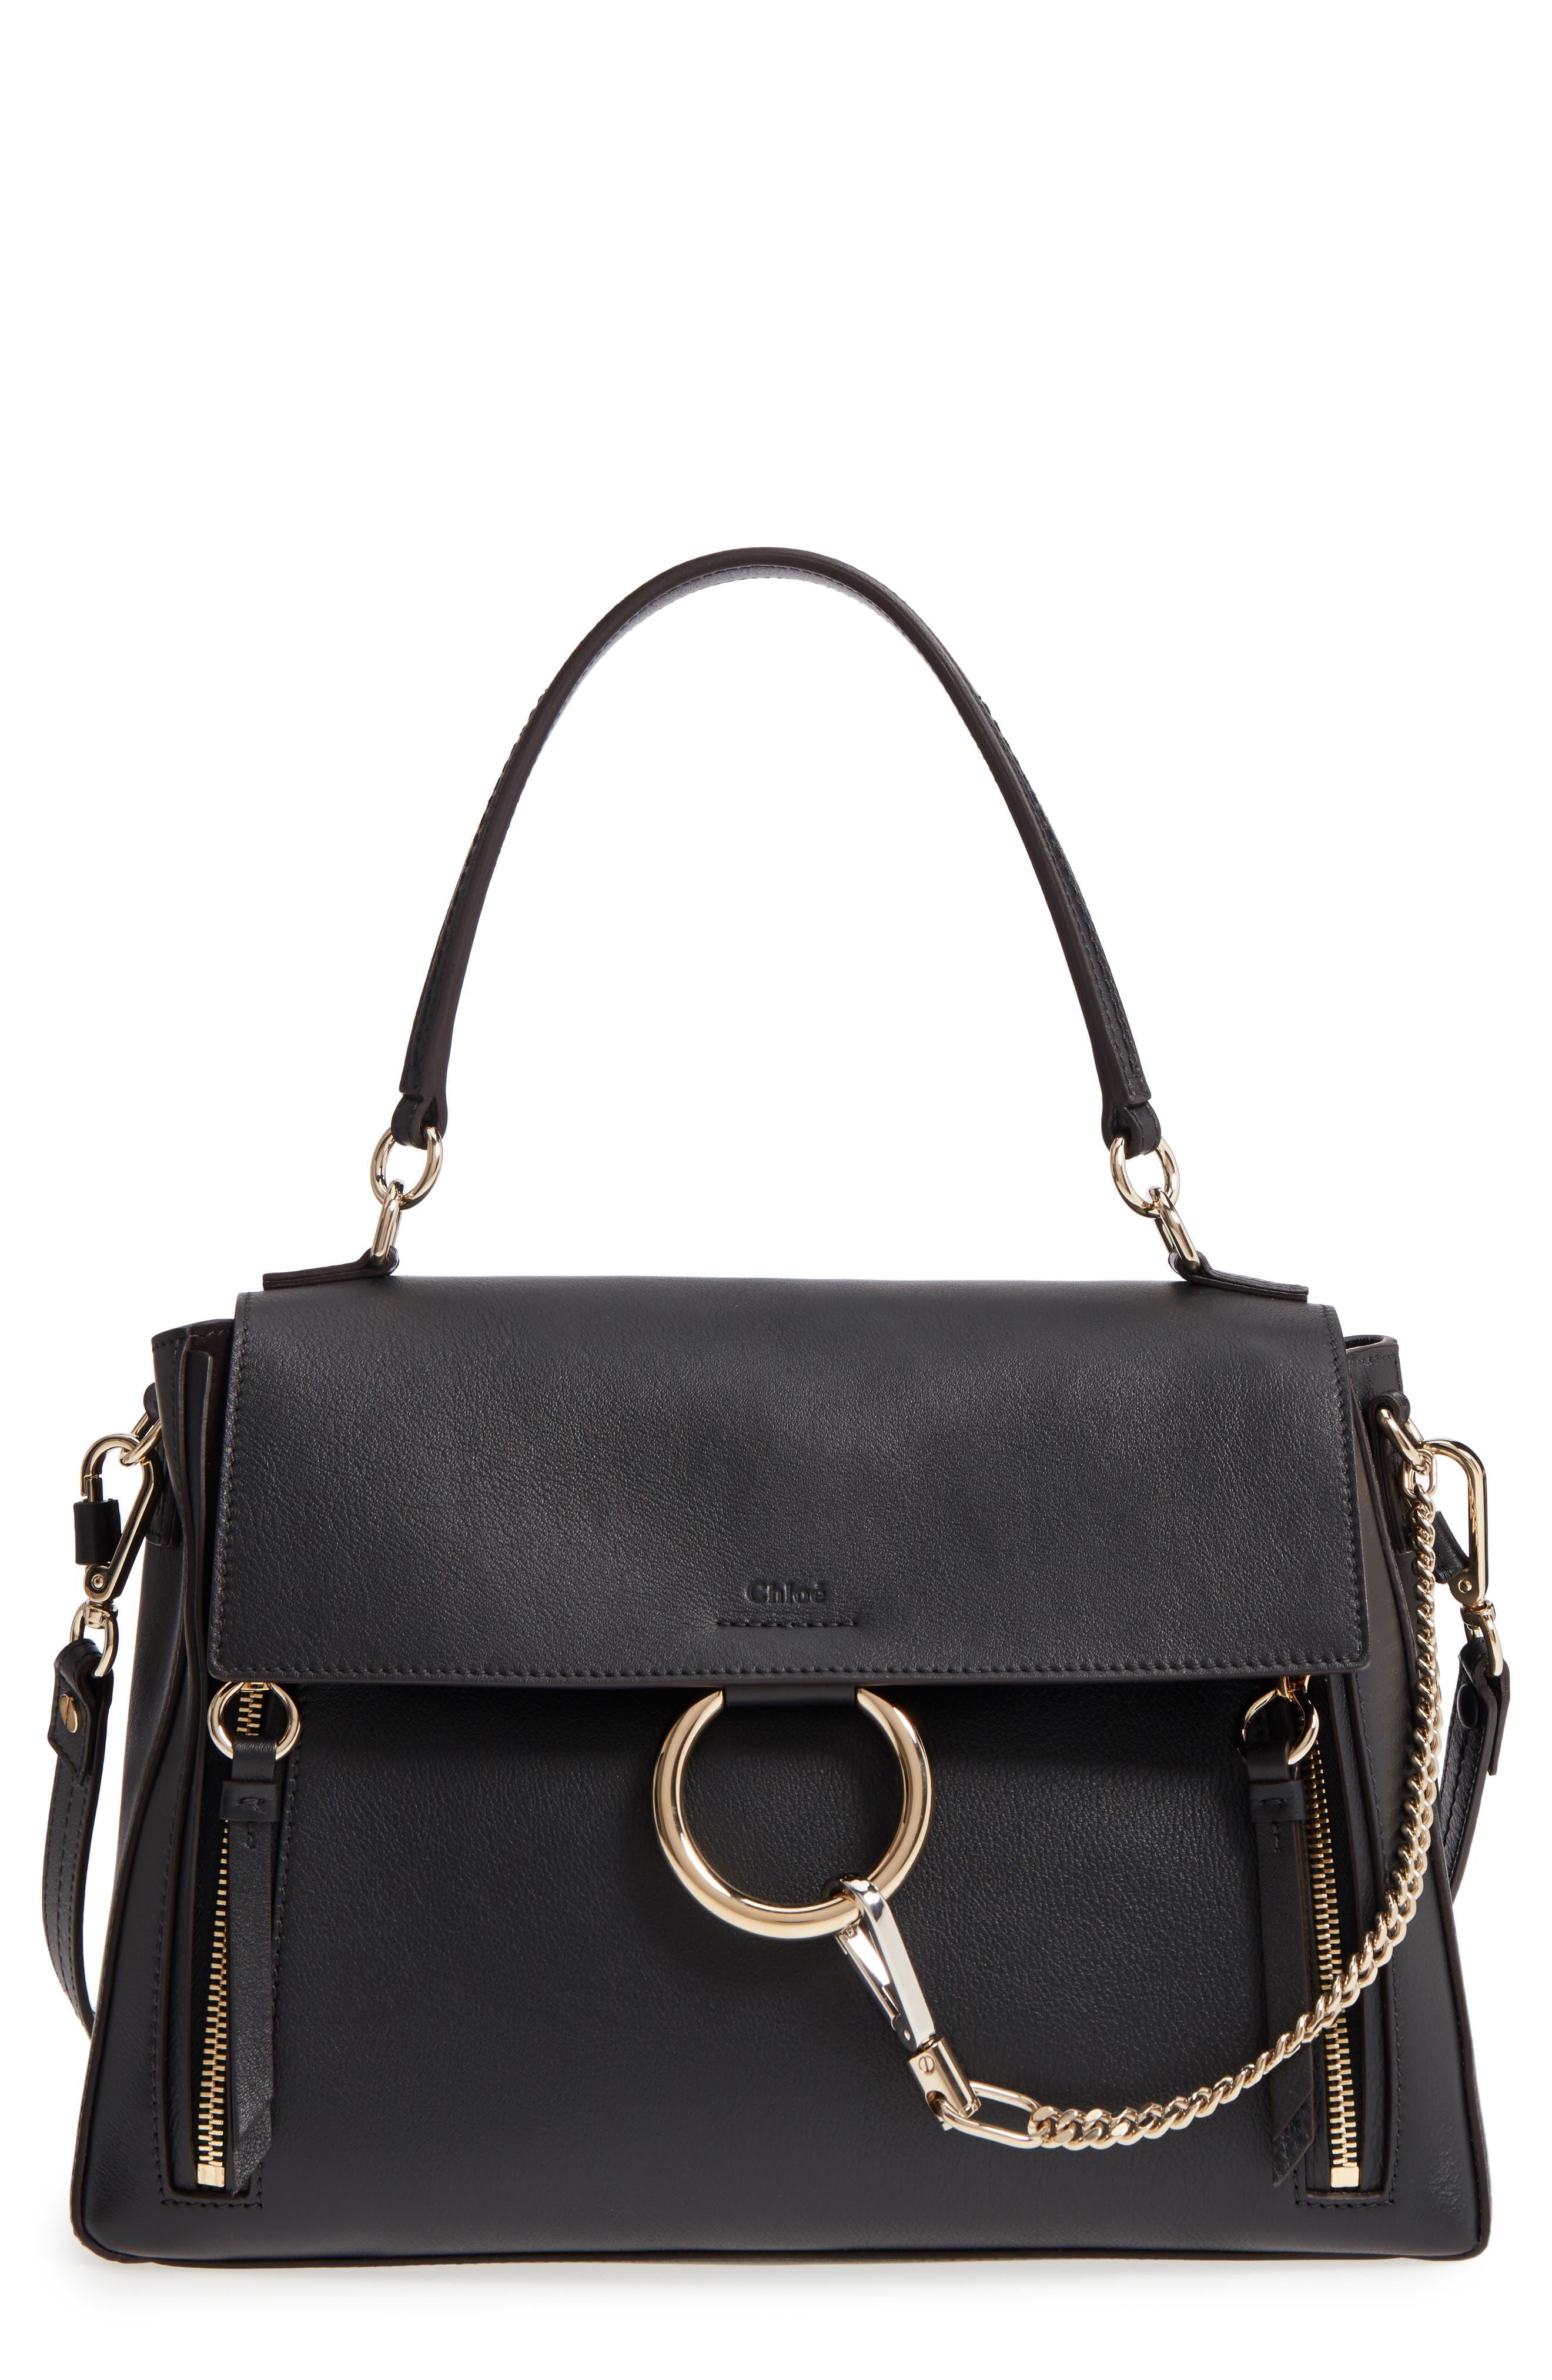 Medium Faye Leather Shoulder Bag,                         Main,                         color, BLACK